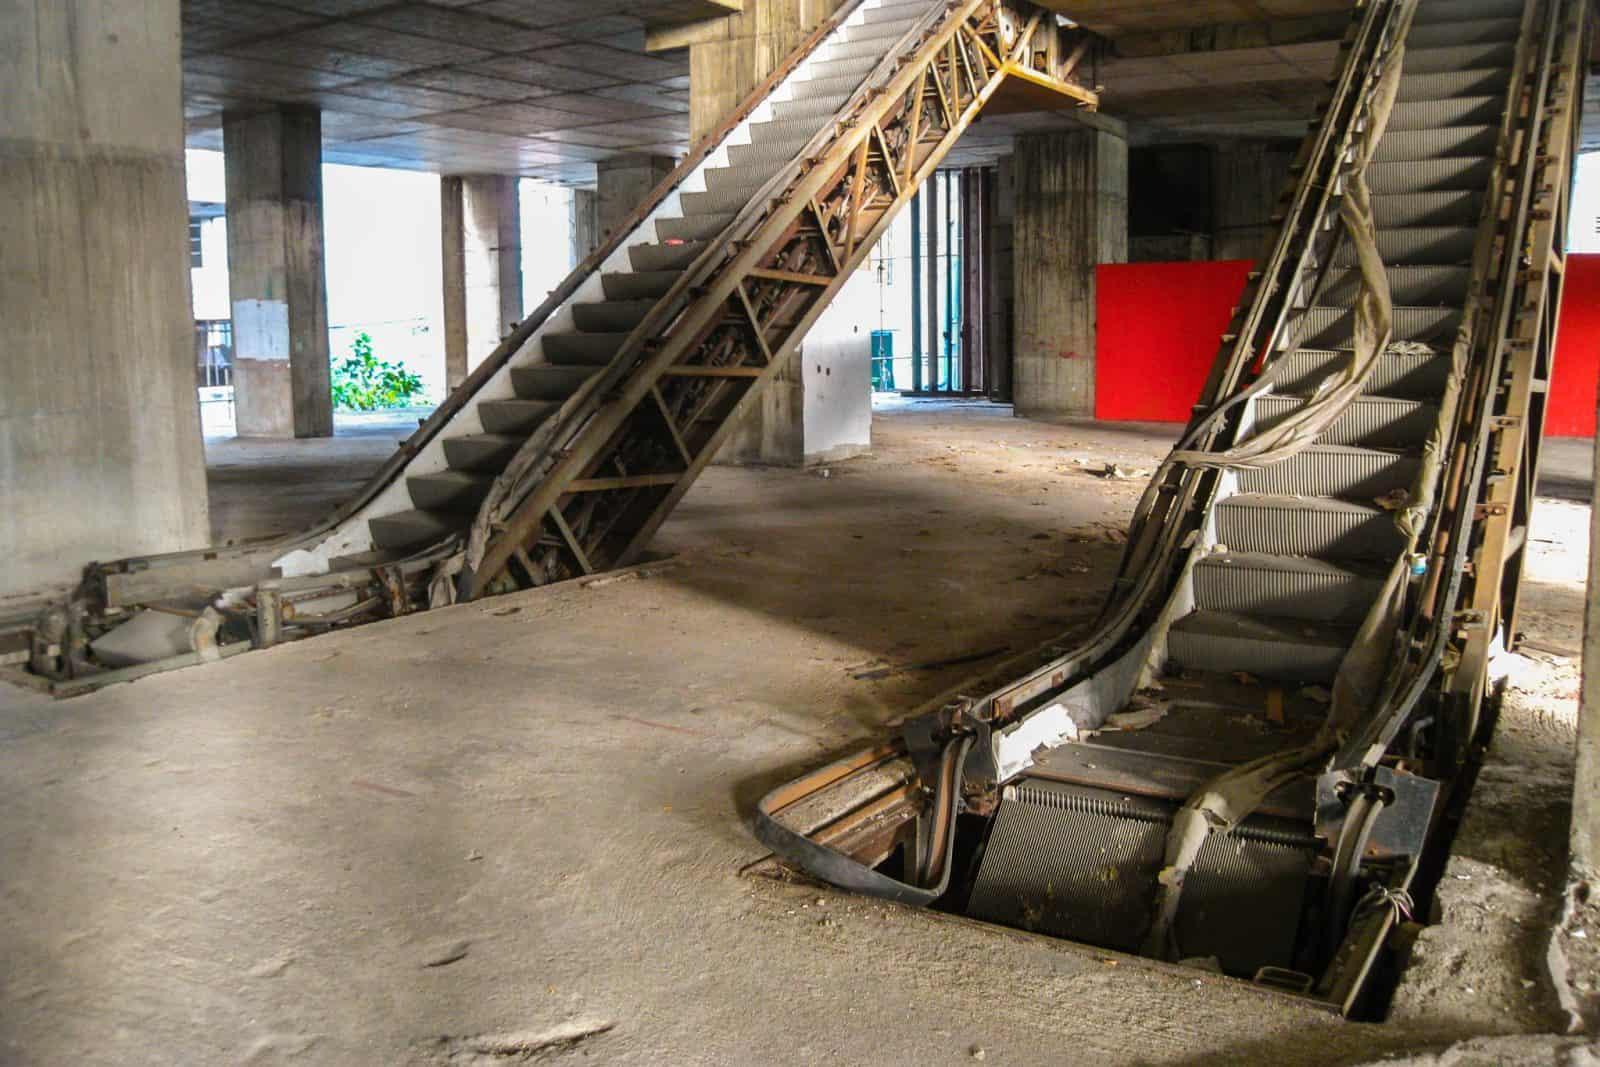 Abandoned Elevators